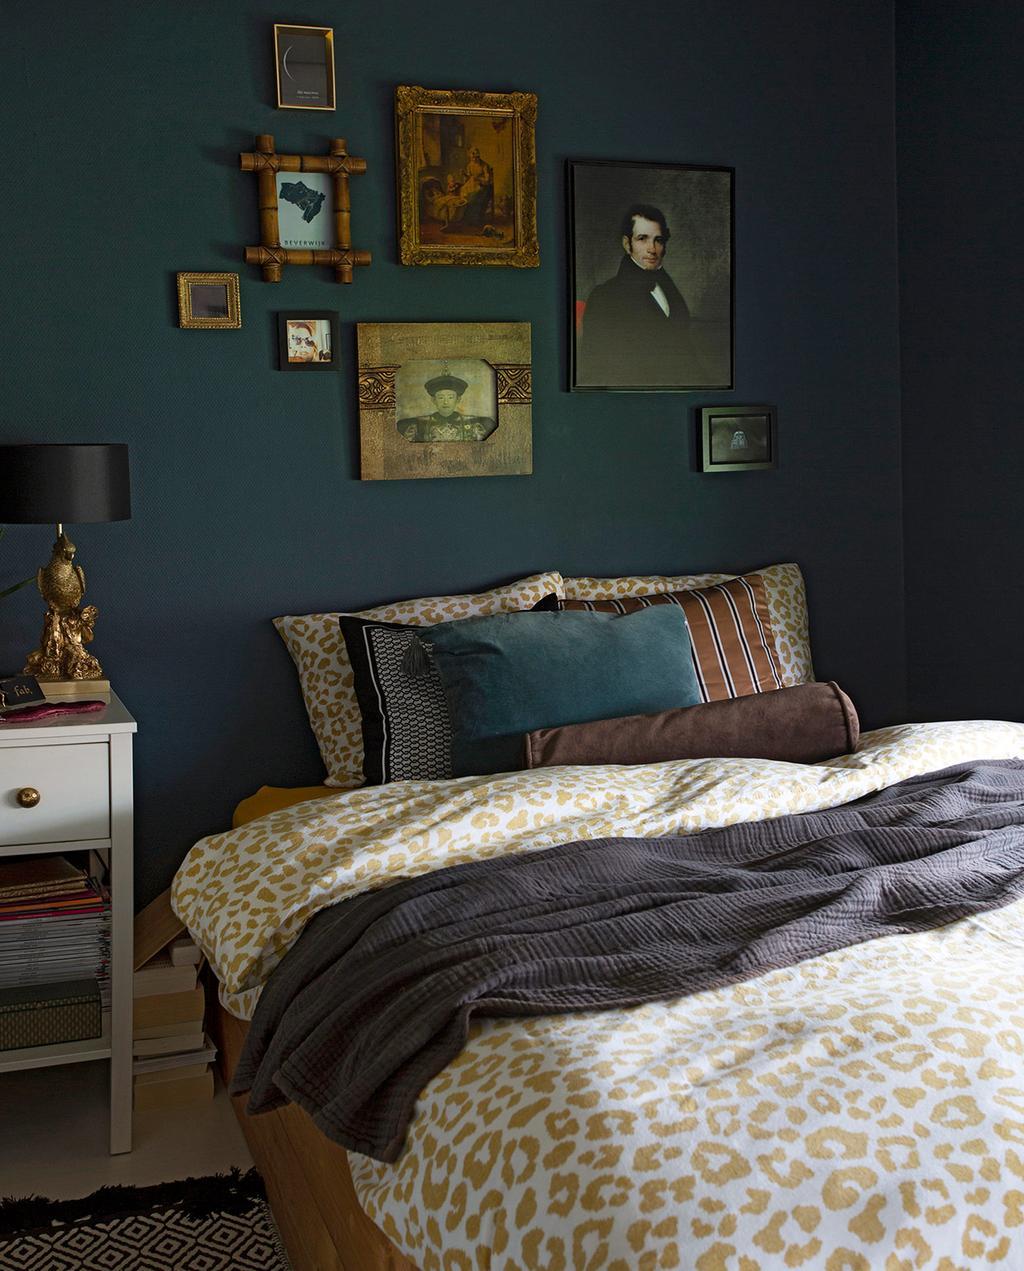 vtwonen 06-2021 | dekbedovertrek met panterprint en verschillende portret kunstwerken achter het bed